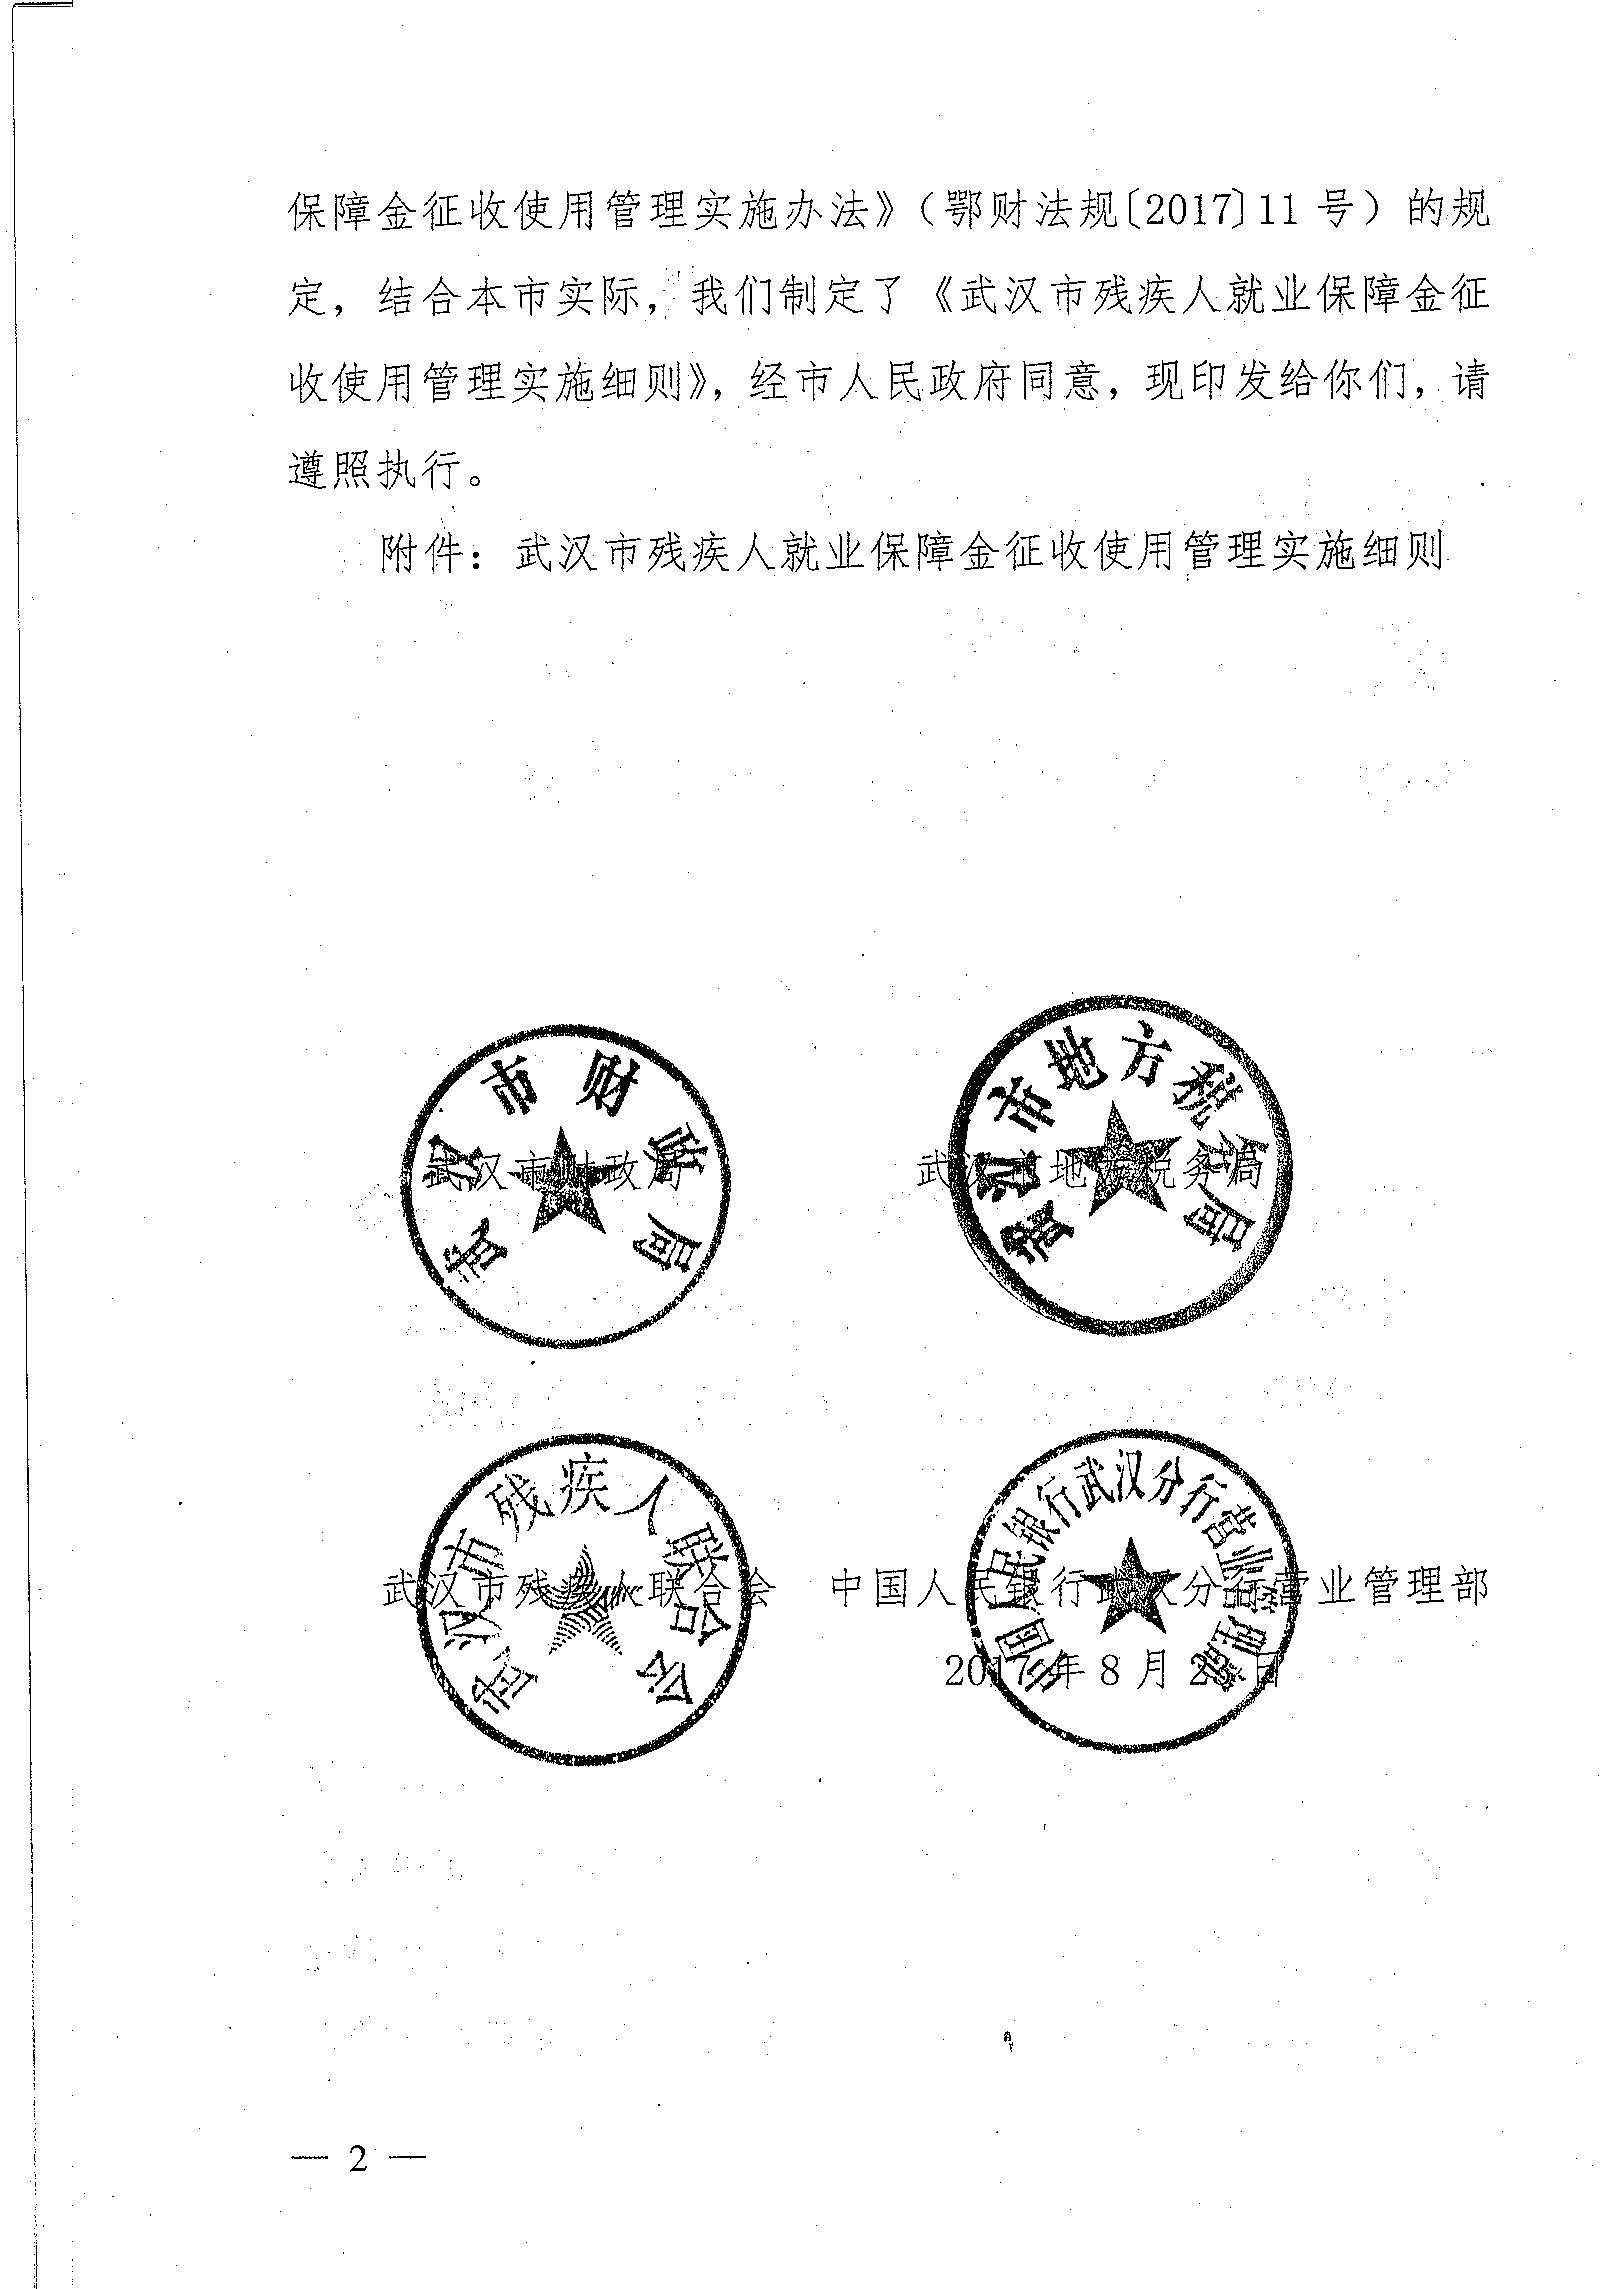 武财规〔2017〕725号关于印发《武汉市残疾人就业保障金征收使用管理实施细则》的通知